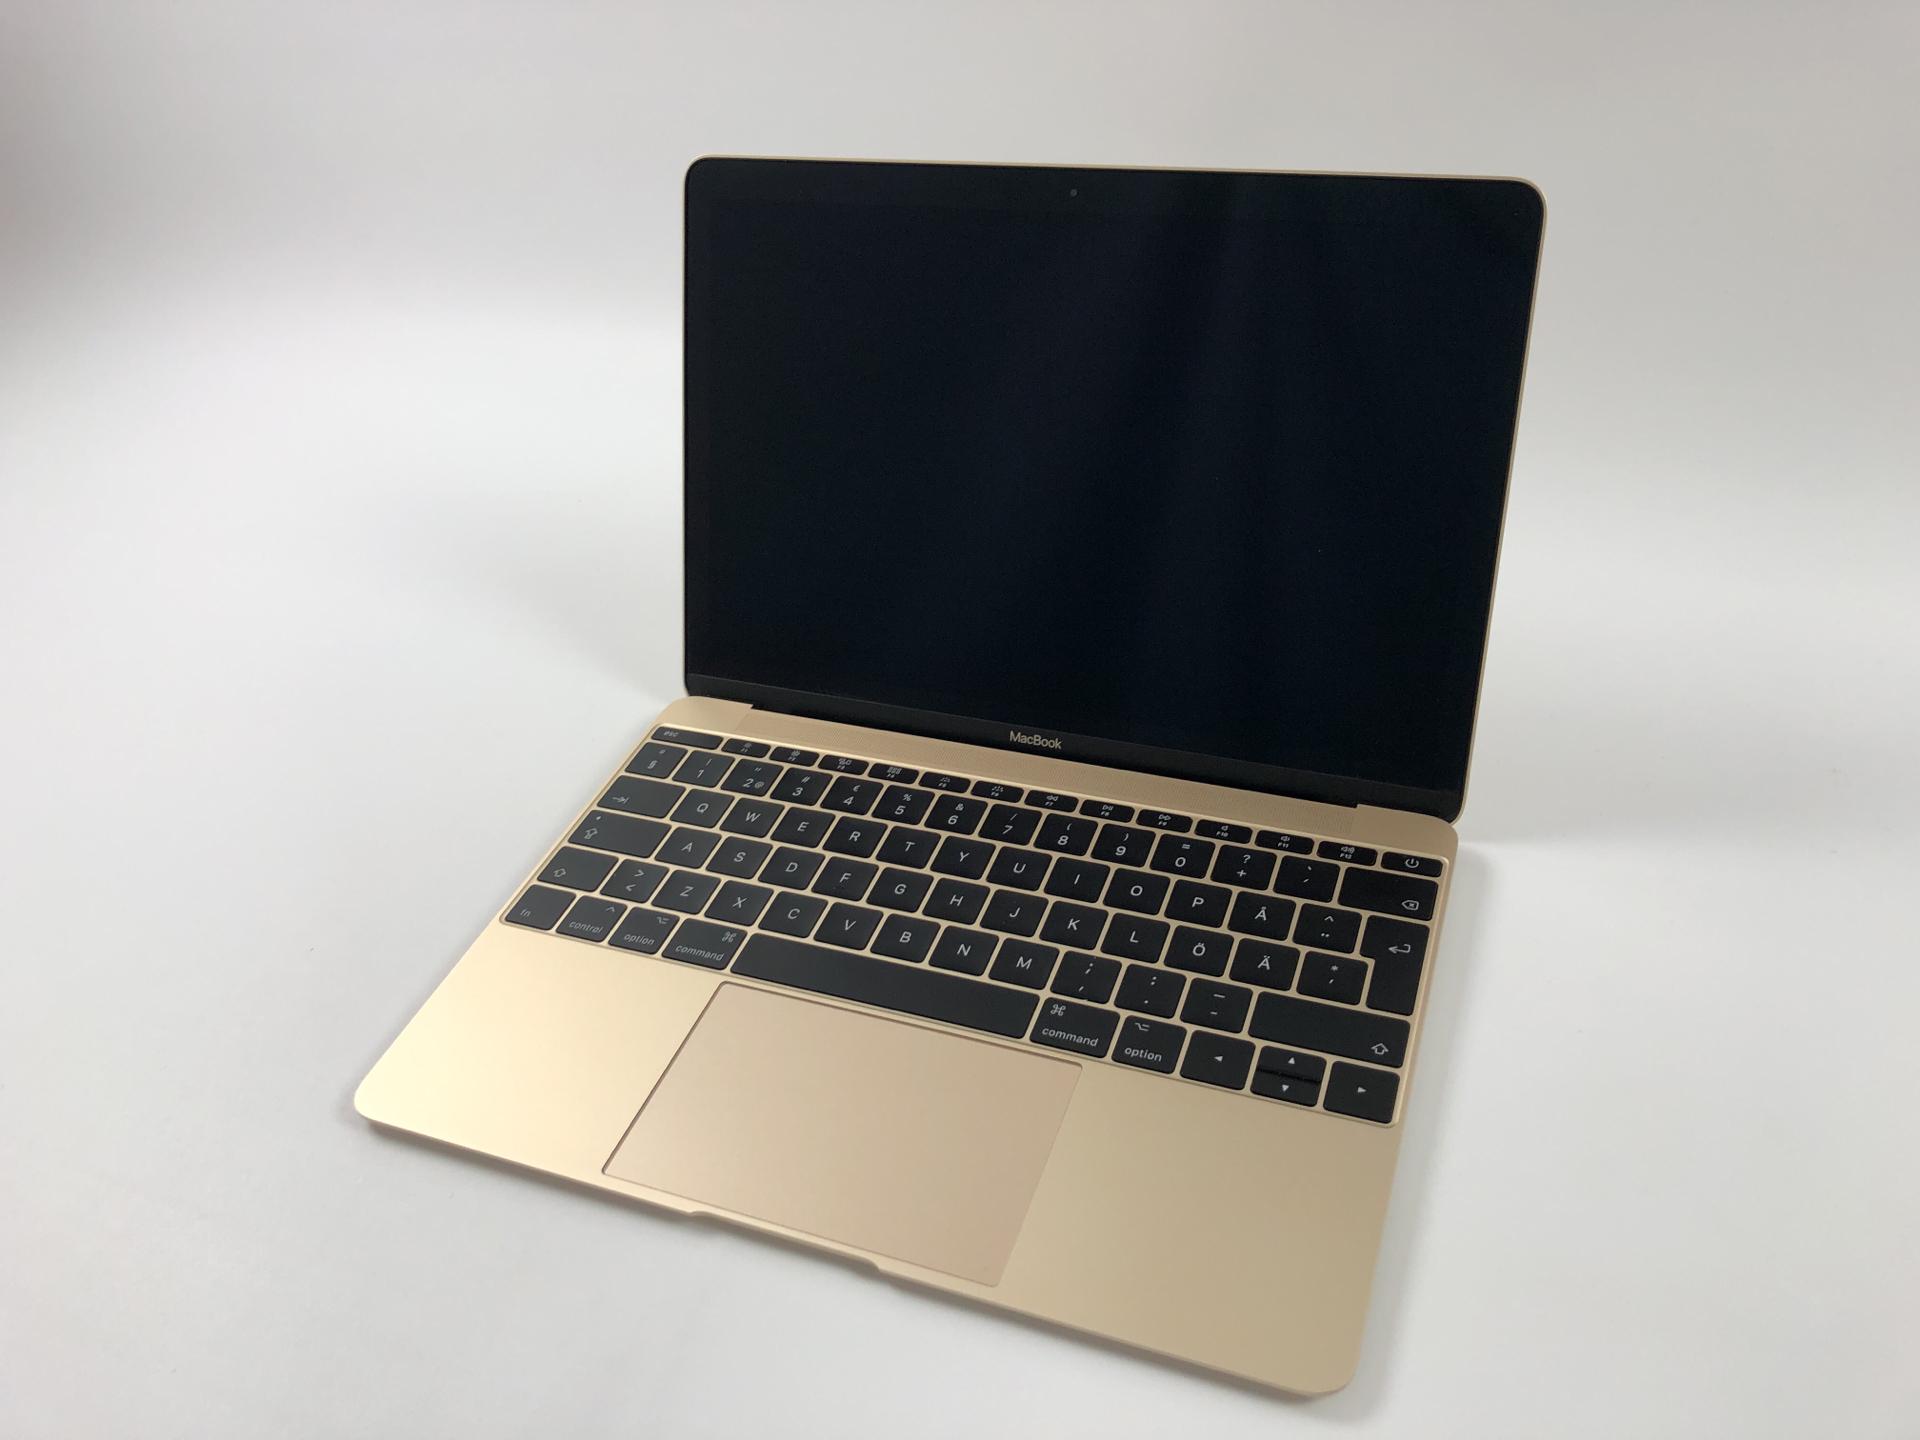 """MacBook 12"""" Mid 2017 (Intel Core m3 1.2 GHz 8 GB RAM 256 GB SSD), Gold, Intel Core m3 1.2 GHz, 8 GB RAM, 256 GB SSD, bild 1"""